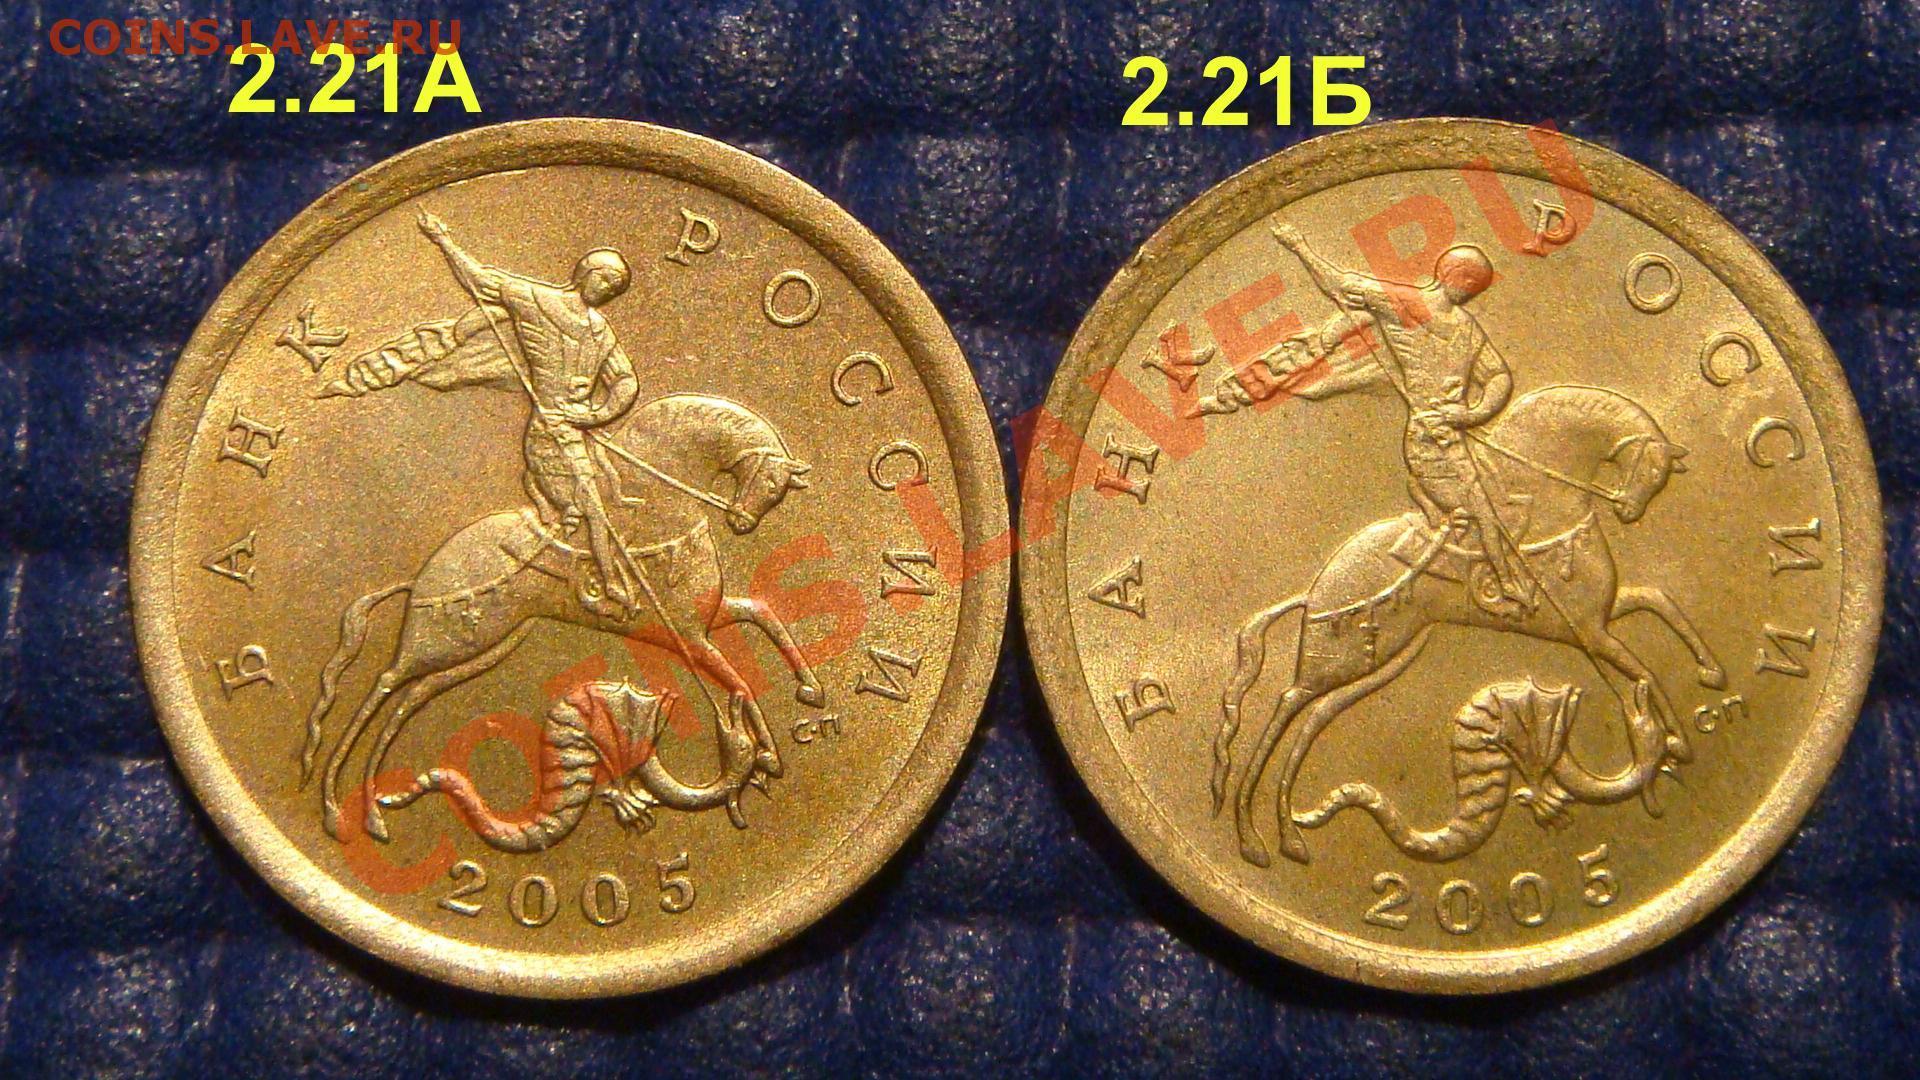 10 копеек 2005 года стоимость 50 groszy 1973 года цена